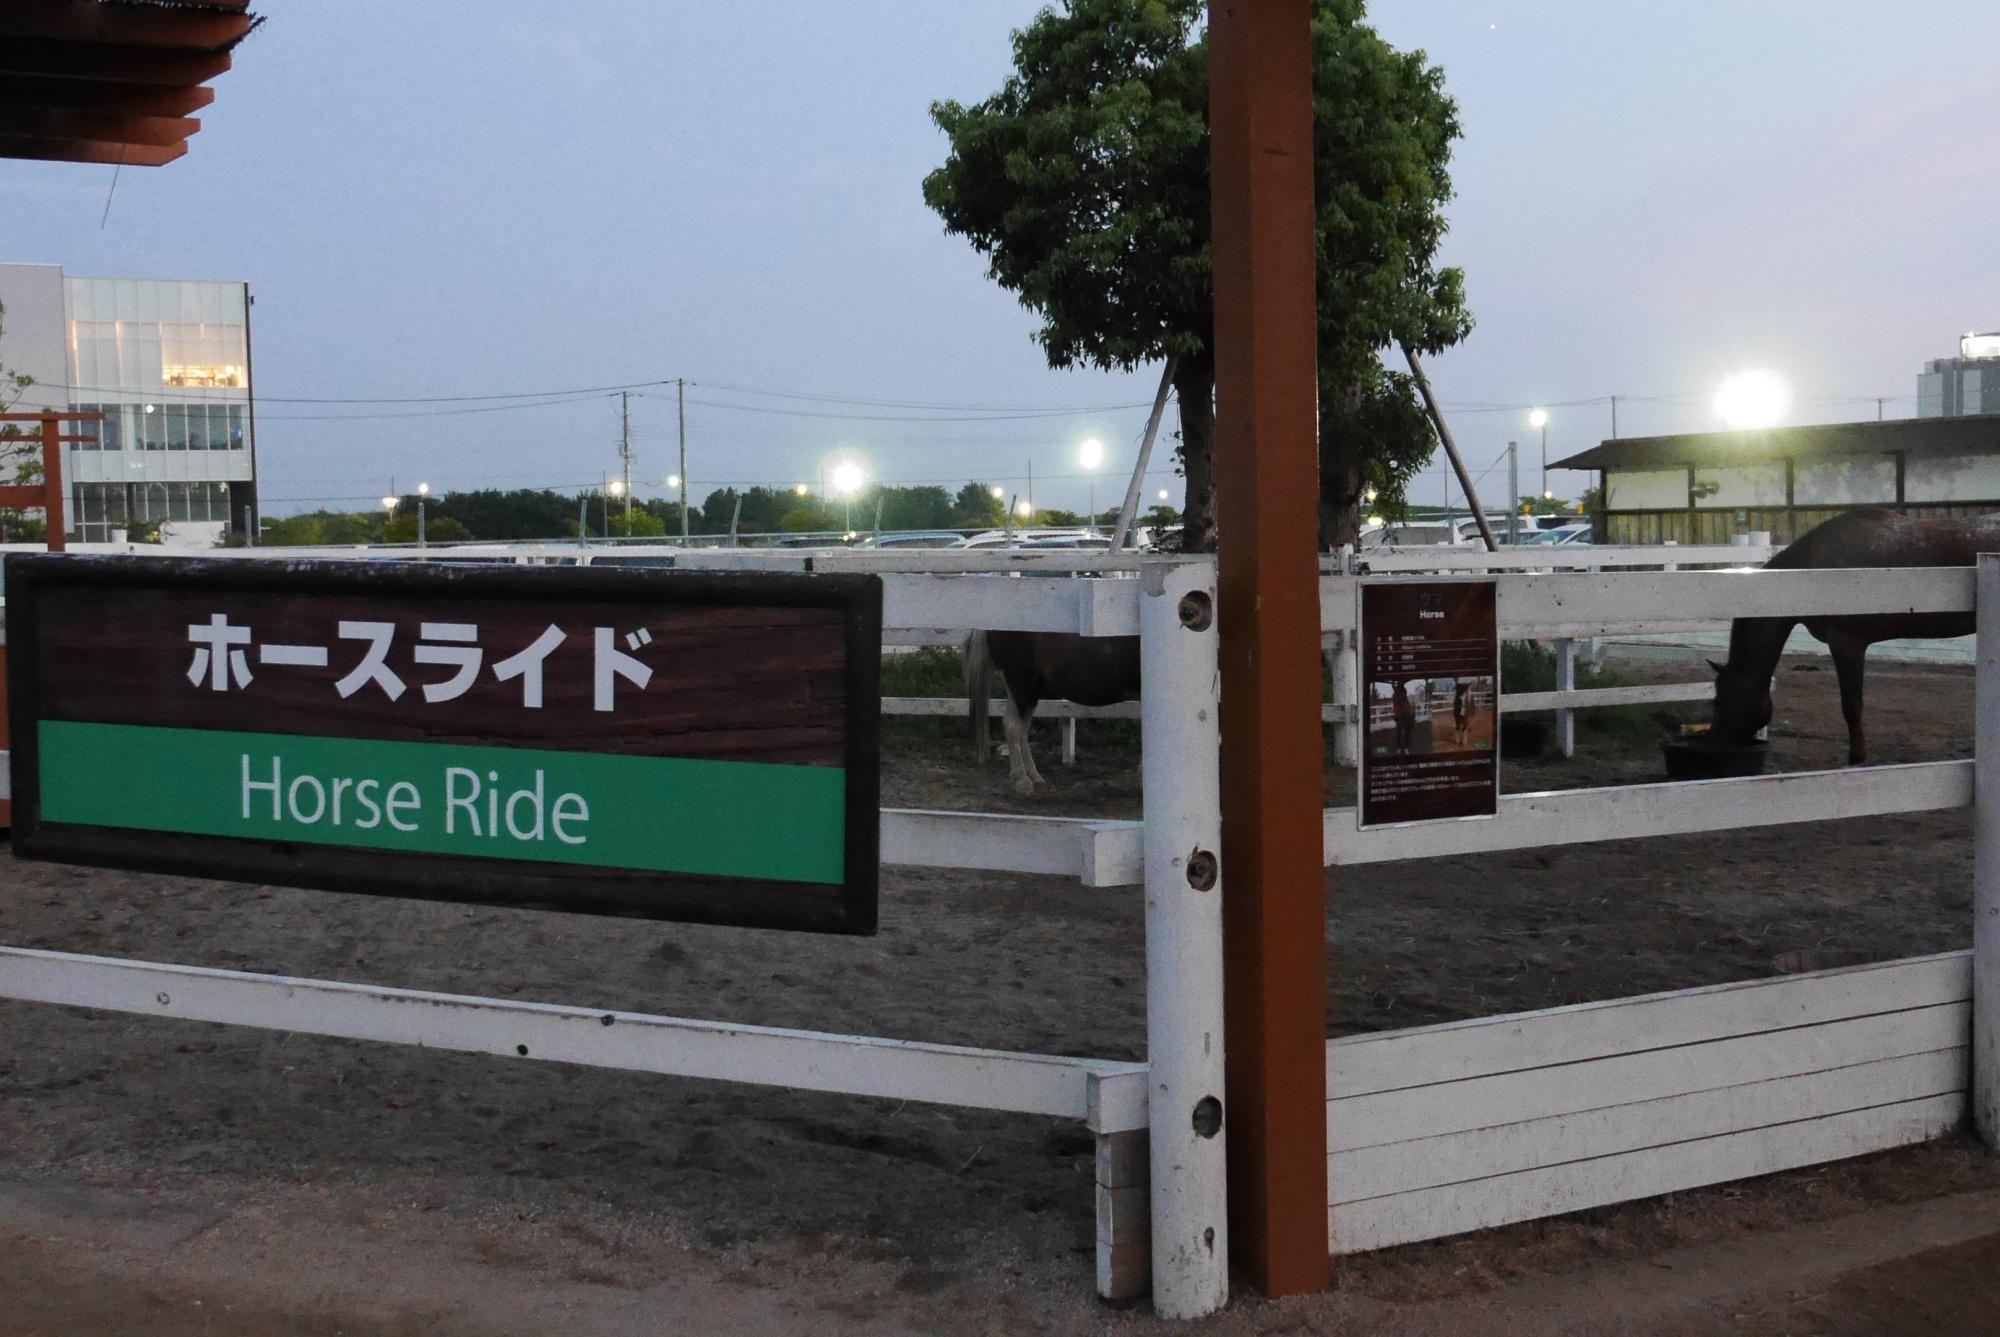 ホースライド(Horse Ride)